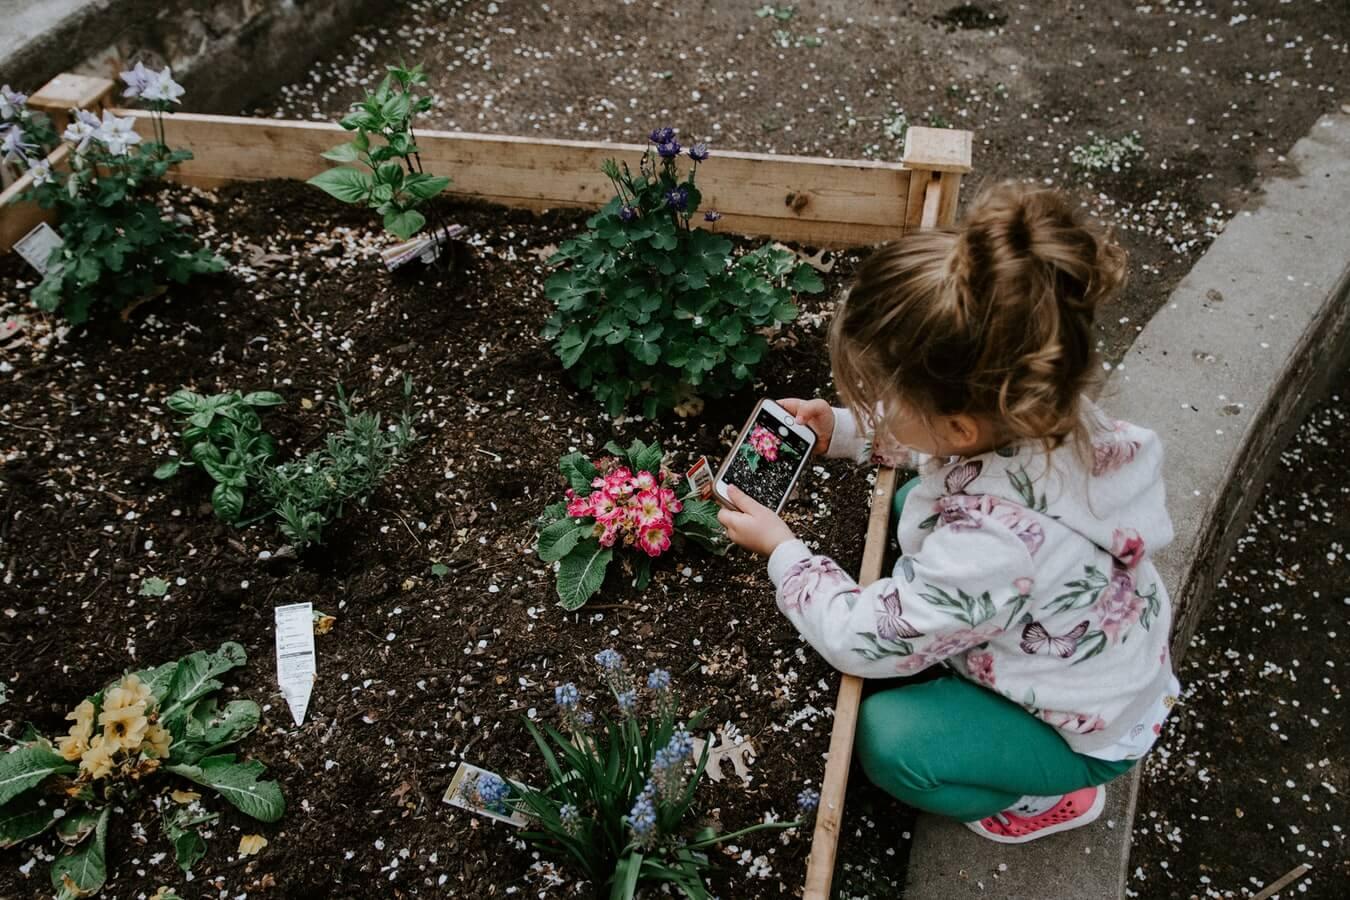 Deti zaujme ovocie a zelenina, ktoré rýchlo rastú